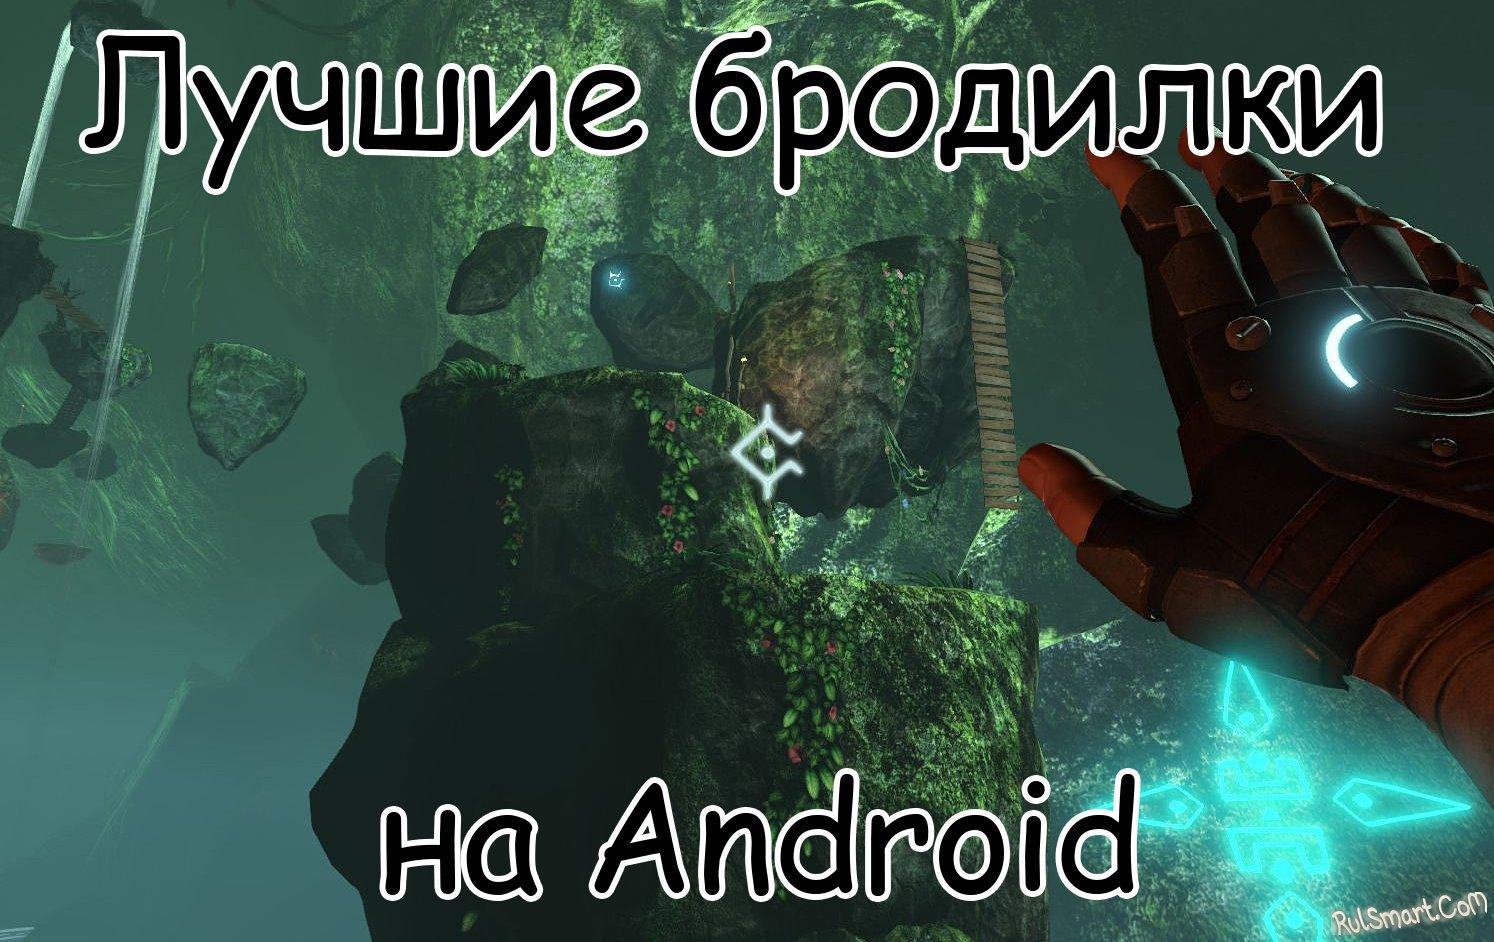 Лучшие бродилки на android скачать игры, программы, темы и обои.